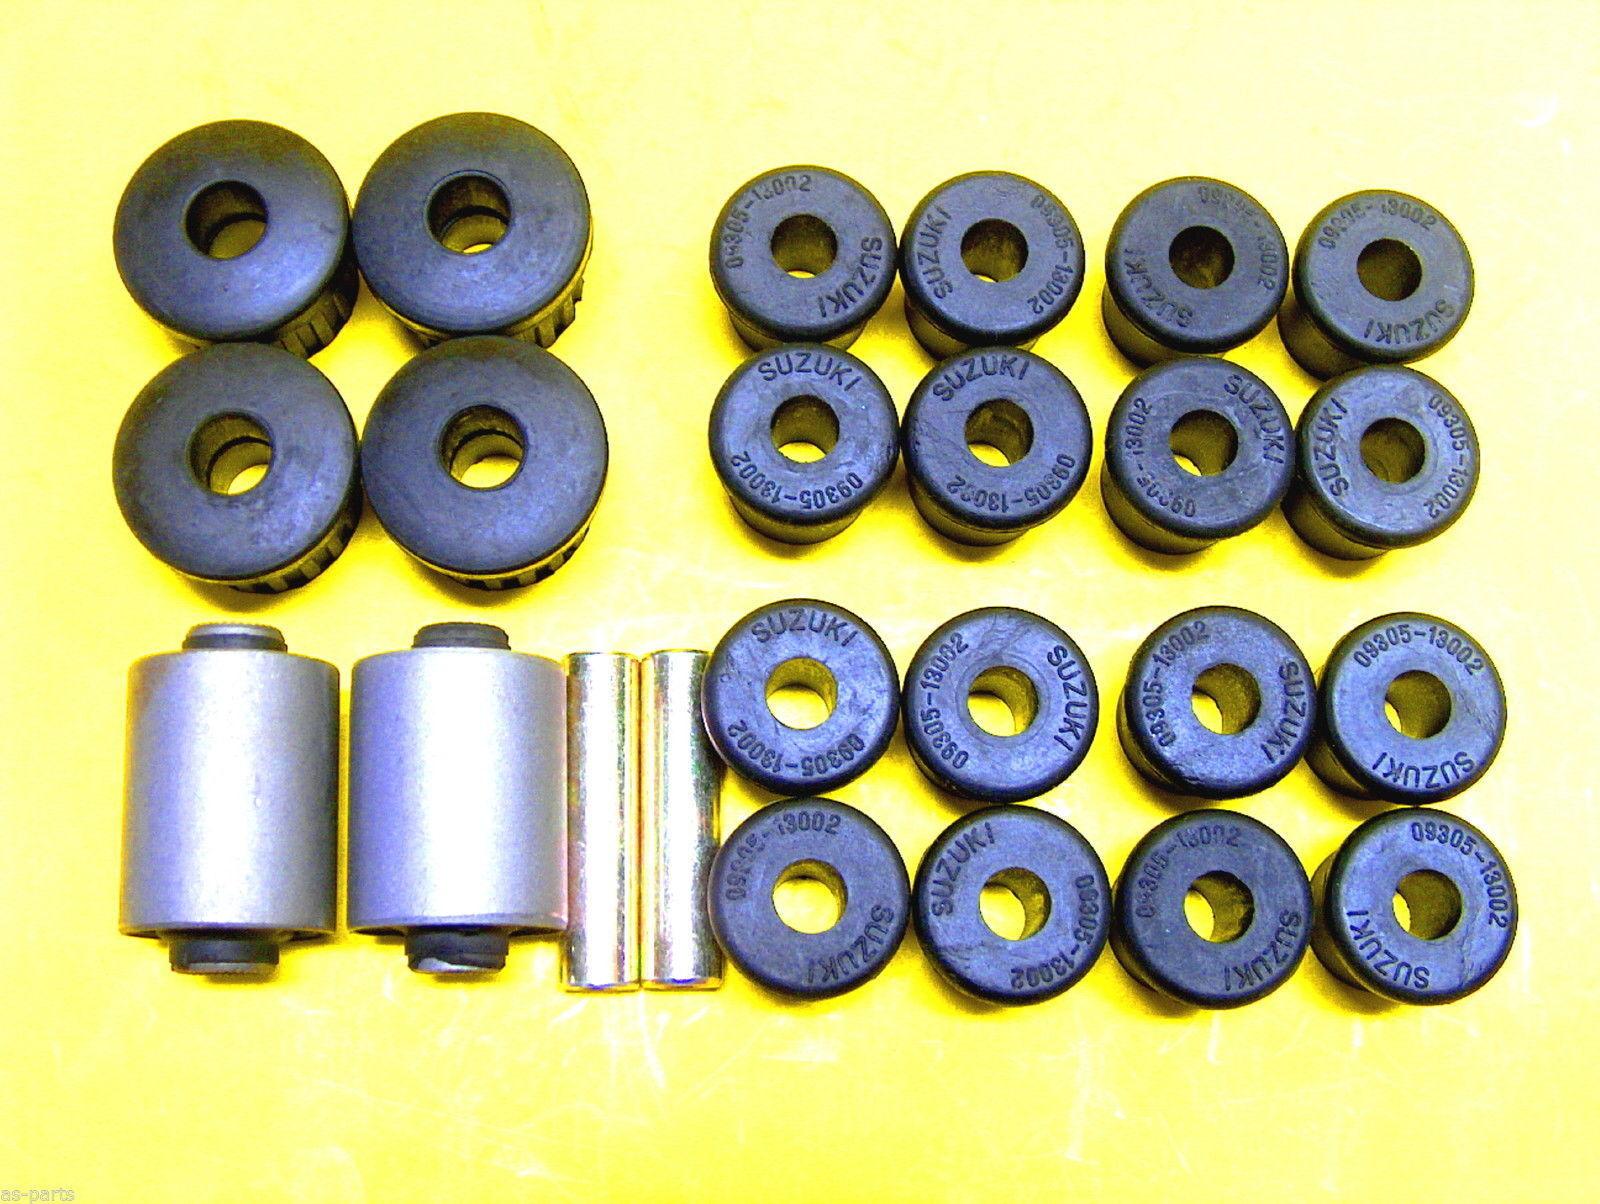 2X Blattfeder verstärkt Polybuchsen für Suzuki Santana Hinterachse Plattfeder